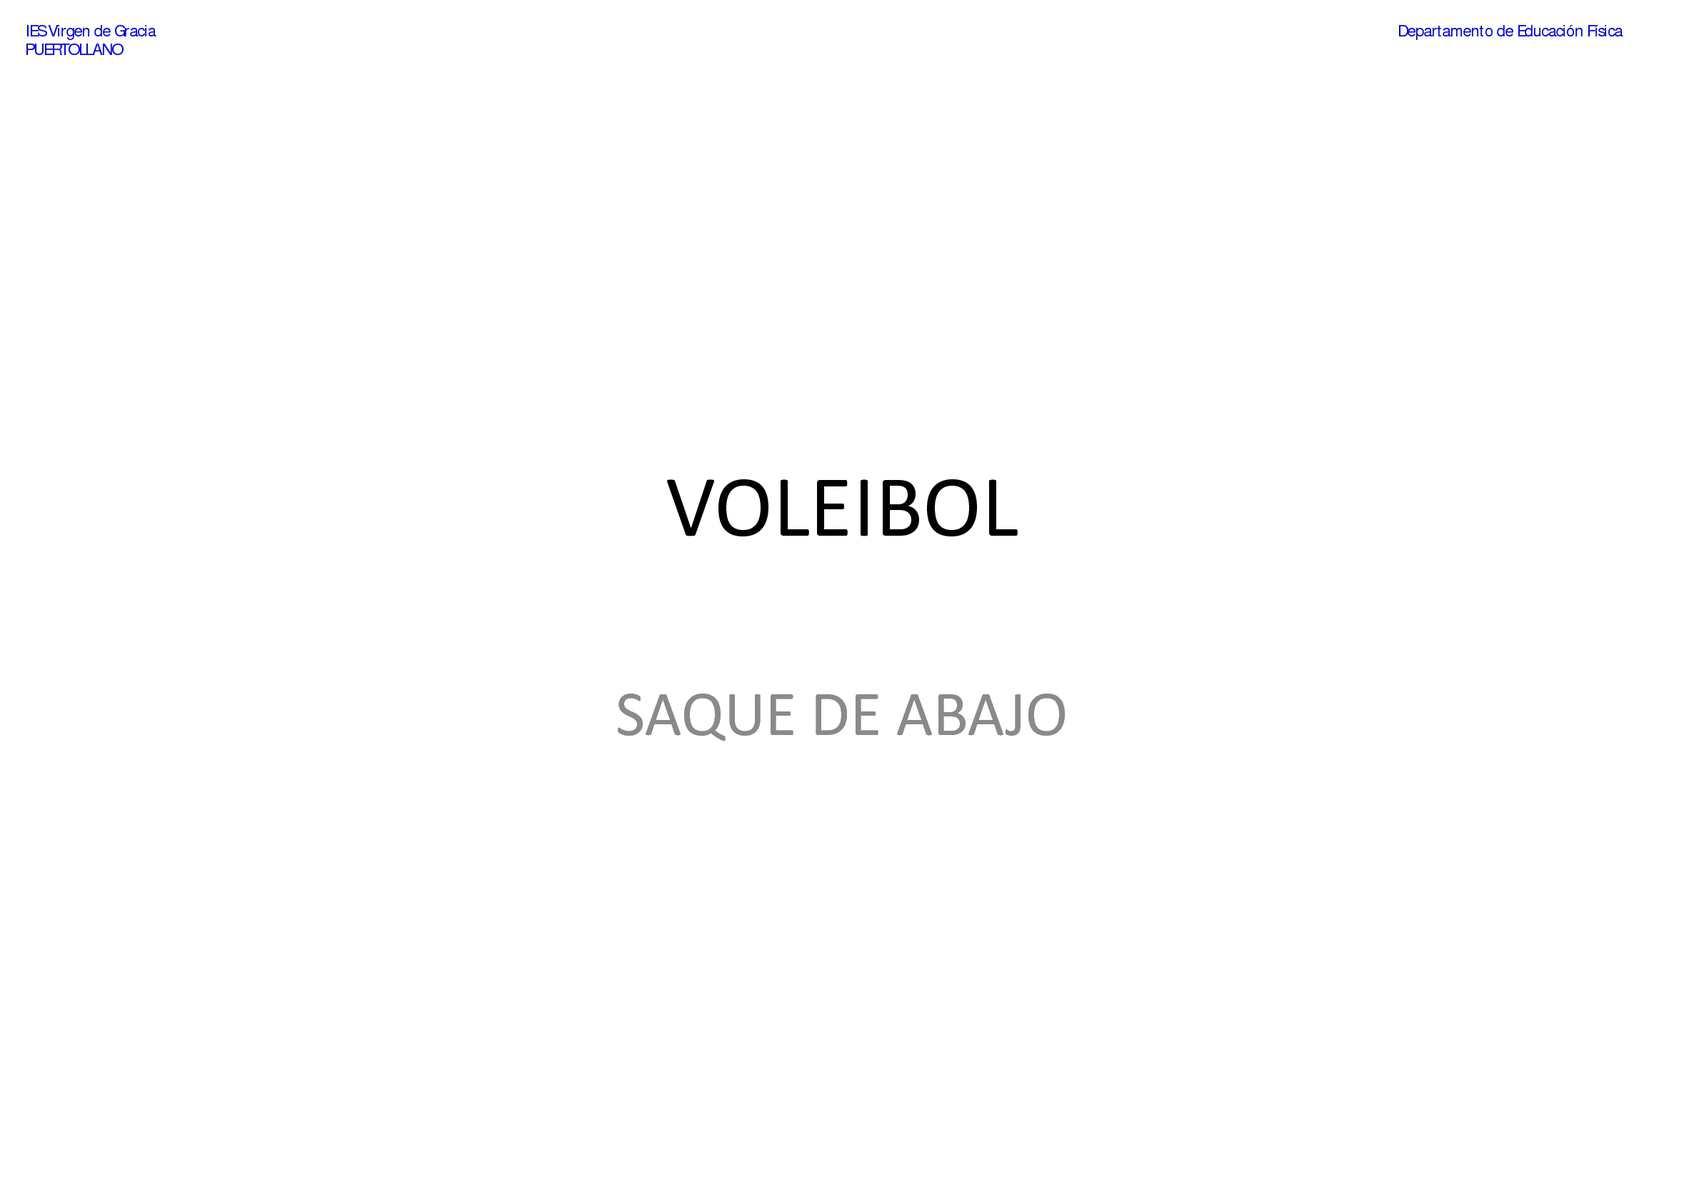 VOLEIBOL - Saque - Saque de Abajo